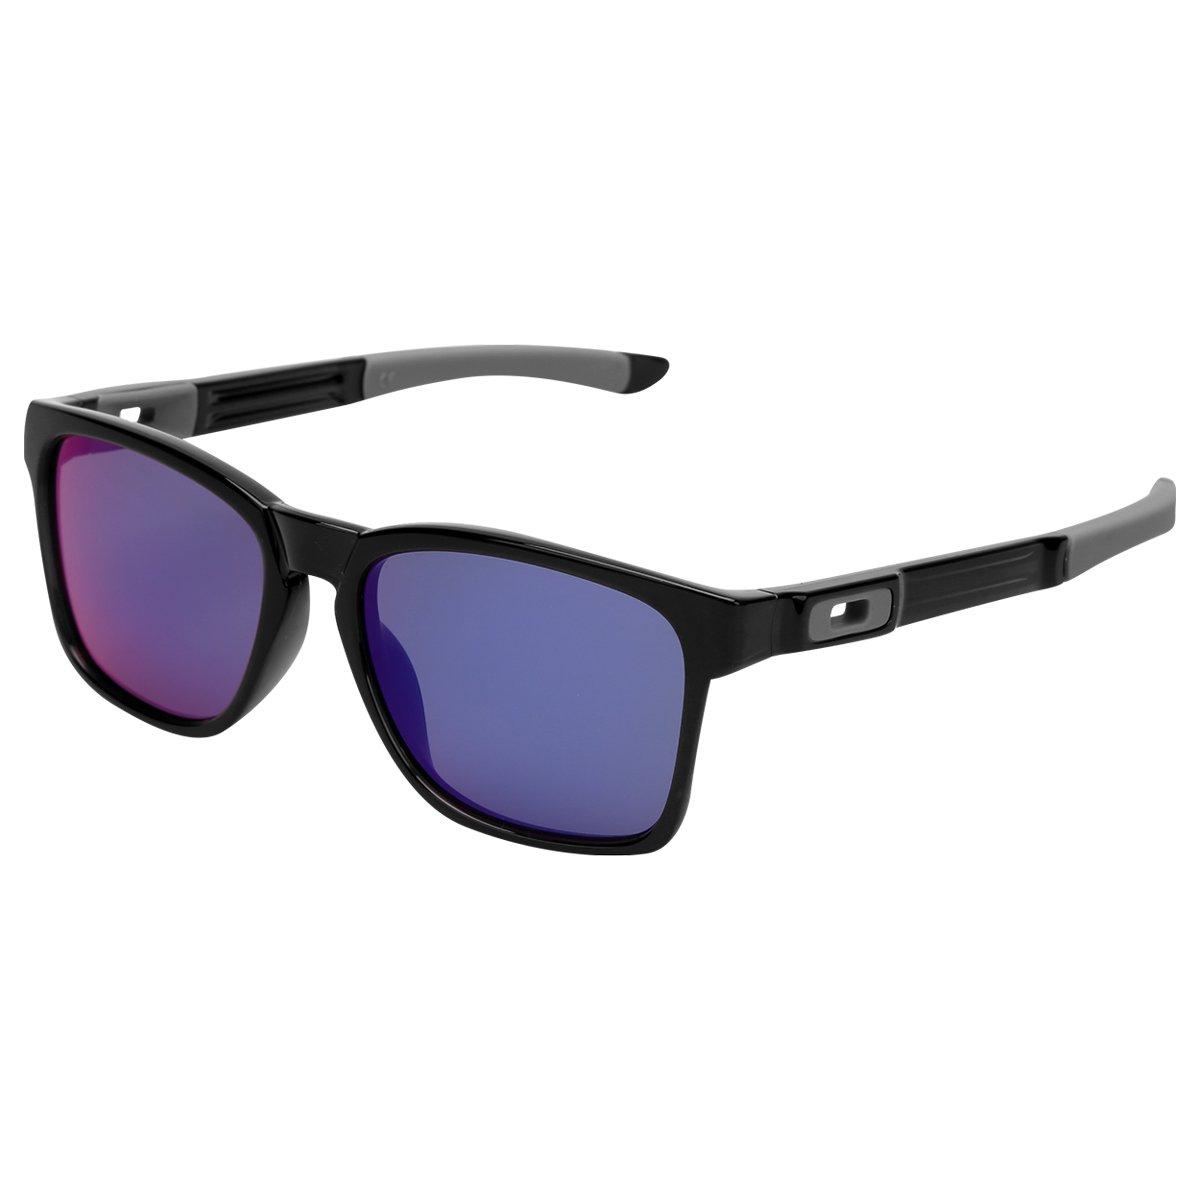 a5e111e133179 Óculos Oakley Catalyst-Iridium - Preto e Roxo - Compre Agora